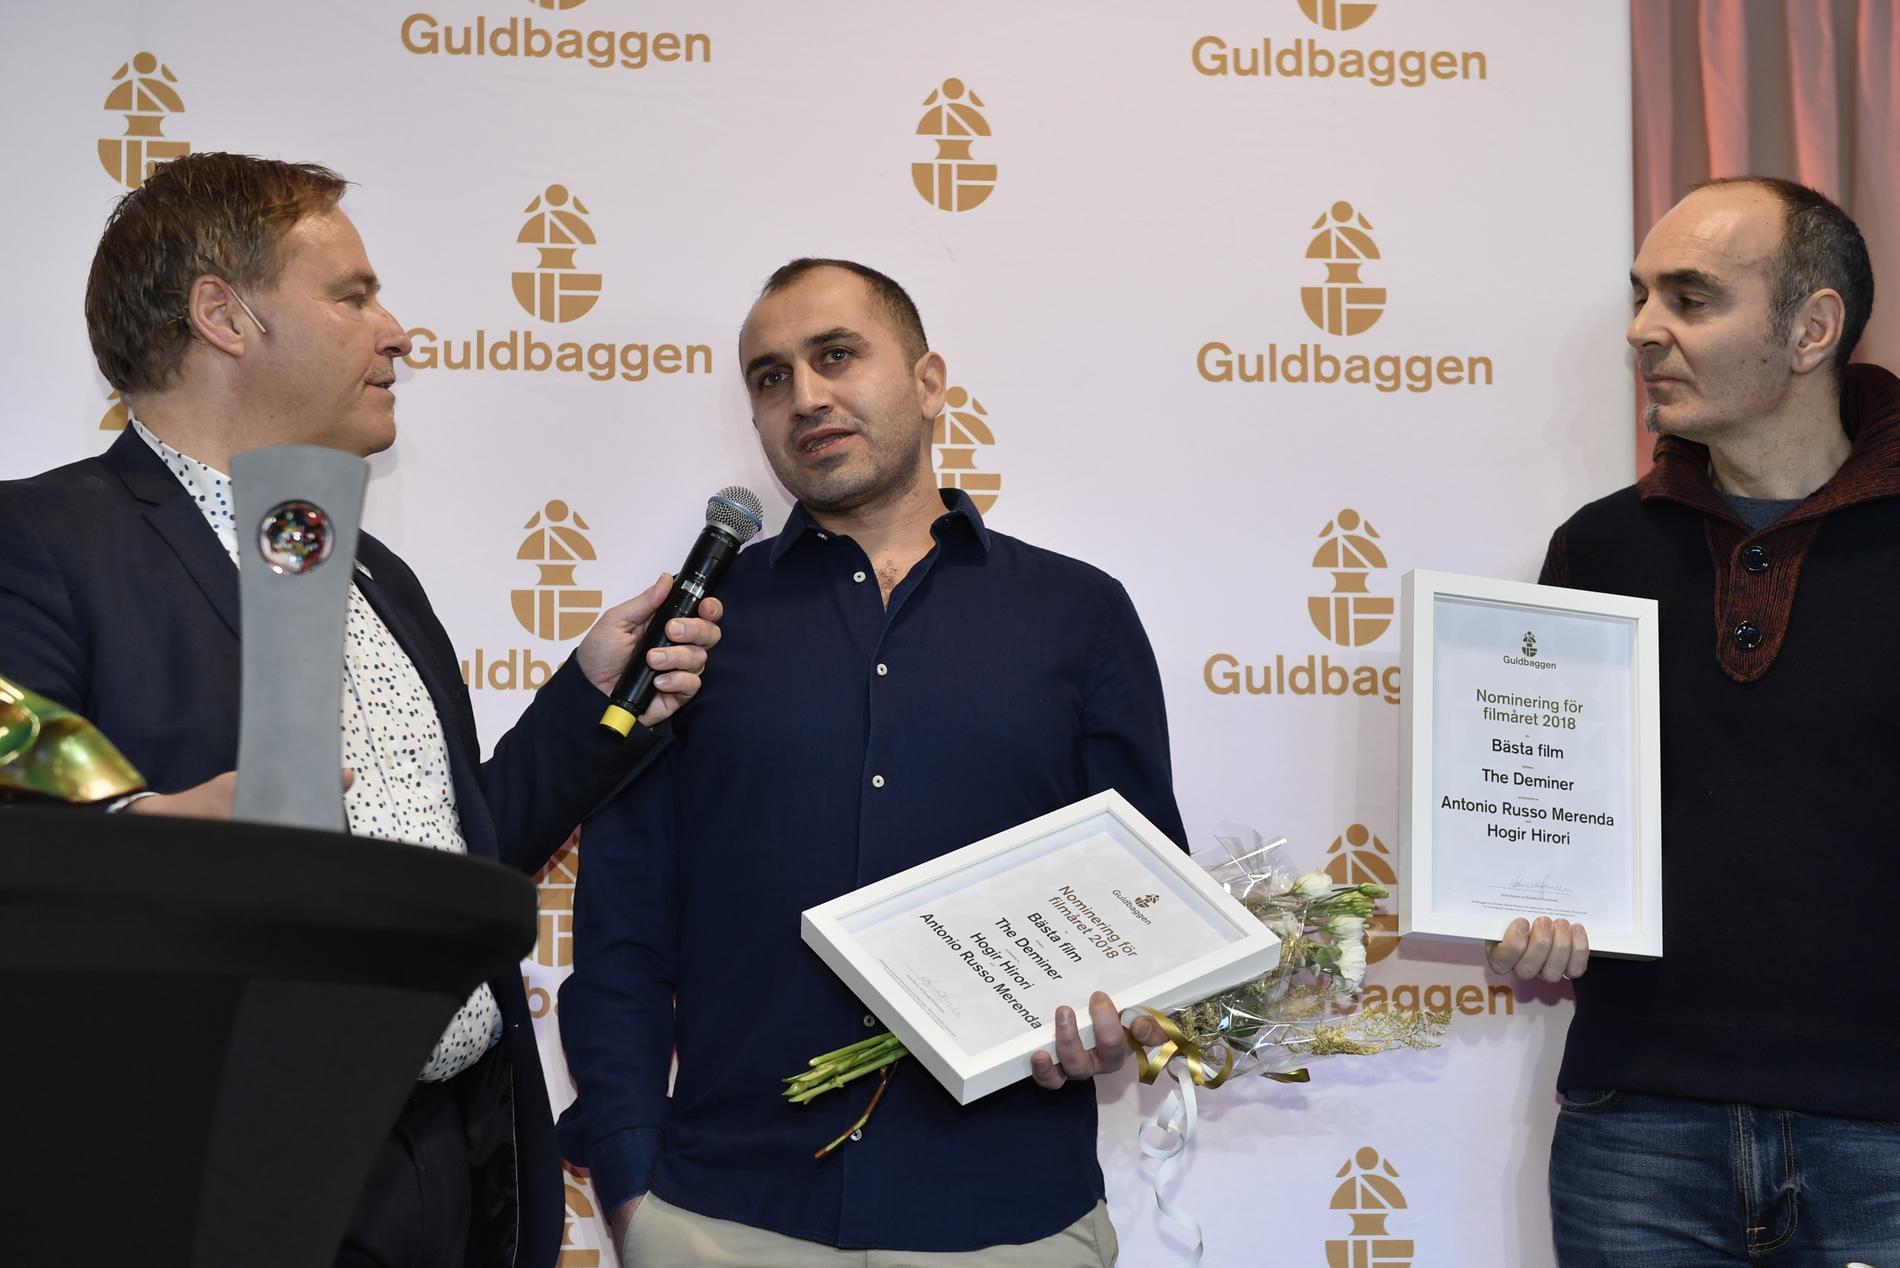 """Hogir Hirori (mitten) i samband med Guldbaggenomineringarna 2019. Till höger syns producenten Antonio Russo Merenda, som också har producerat vinnarfilmen """"Sabaya"""". Arkivbild."""